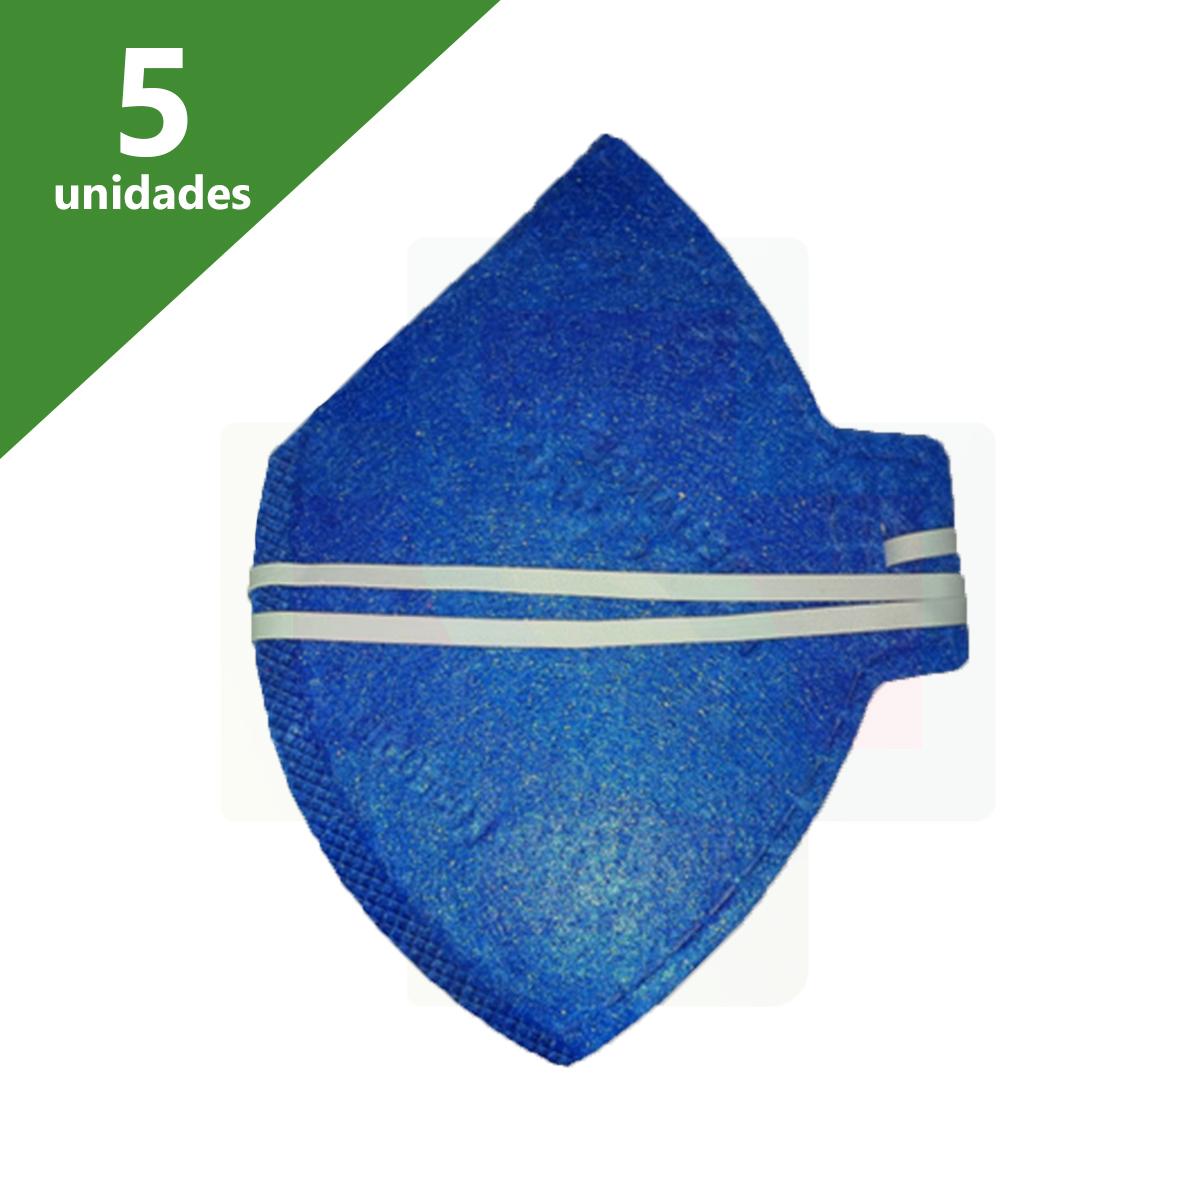 MÁSCARA DE PROTEÇÃO N95 PFF2-S DOB.AZUL KIT C/05 - A.L.L.I.A.N.C.E